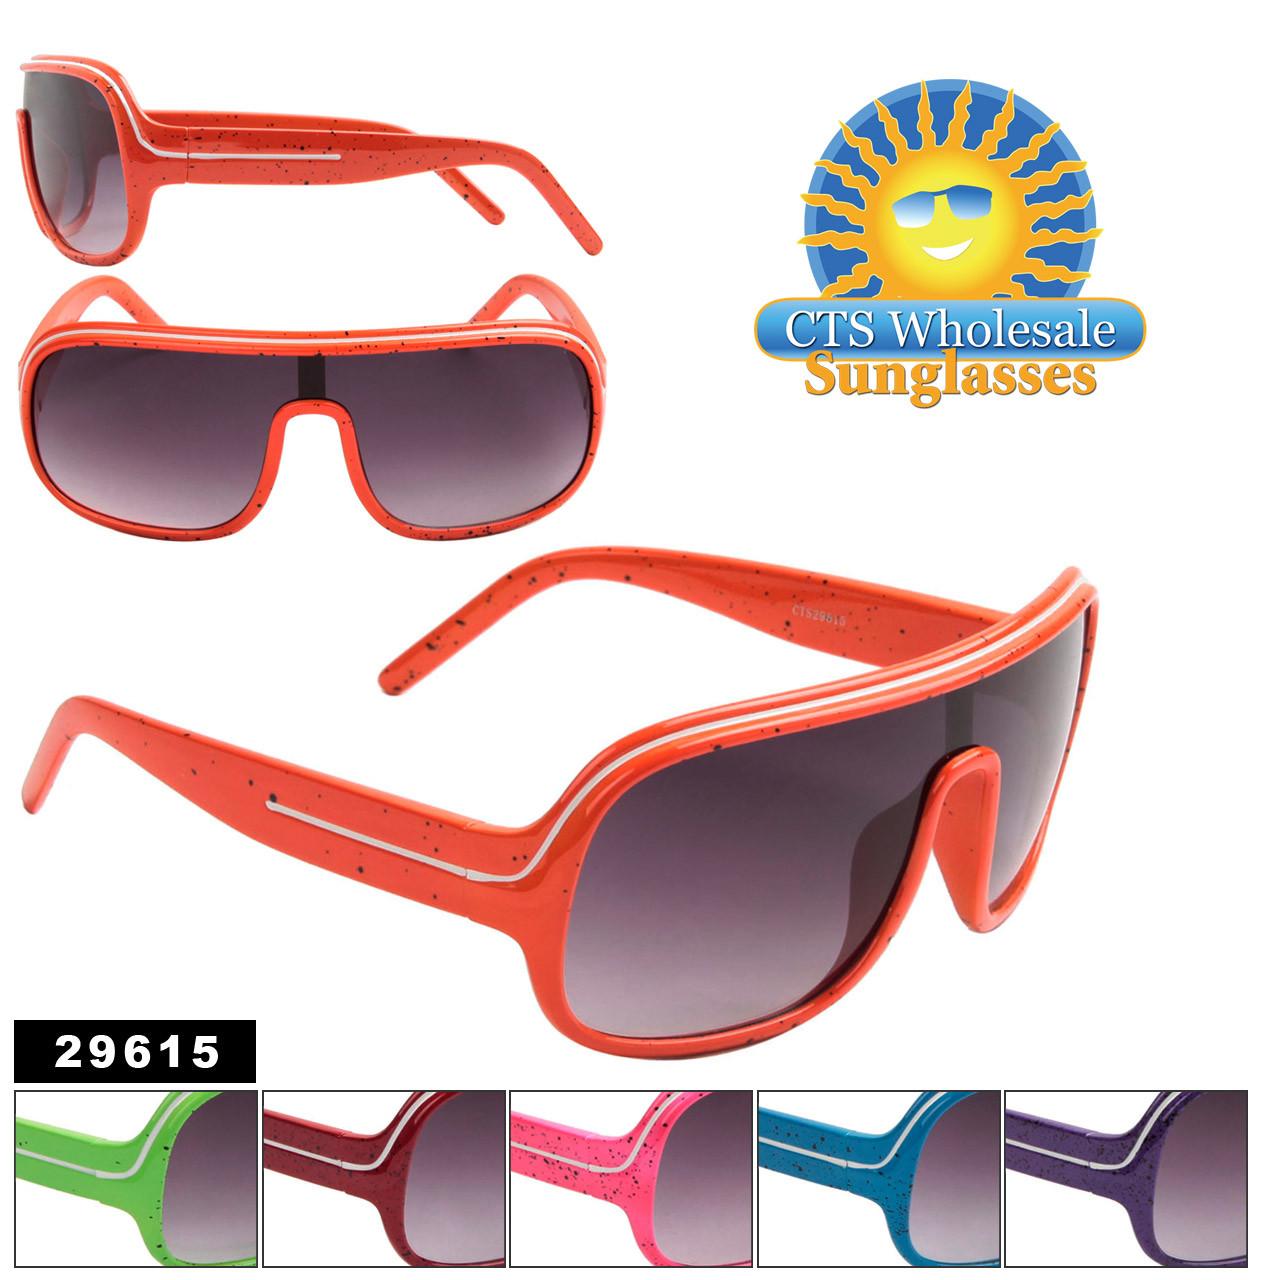 Splatter Paint Sunglasses 29615